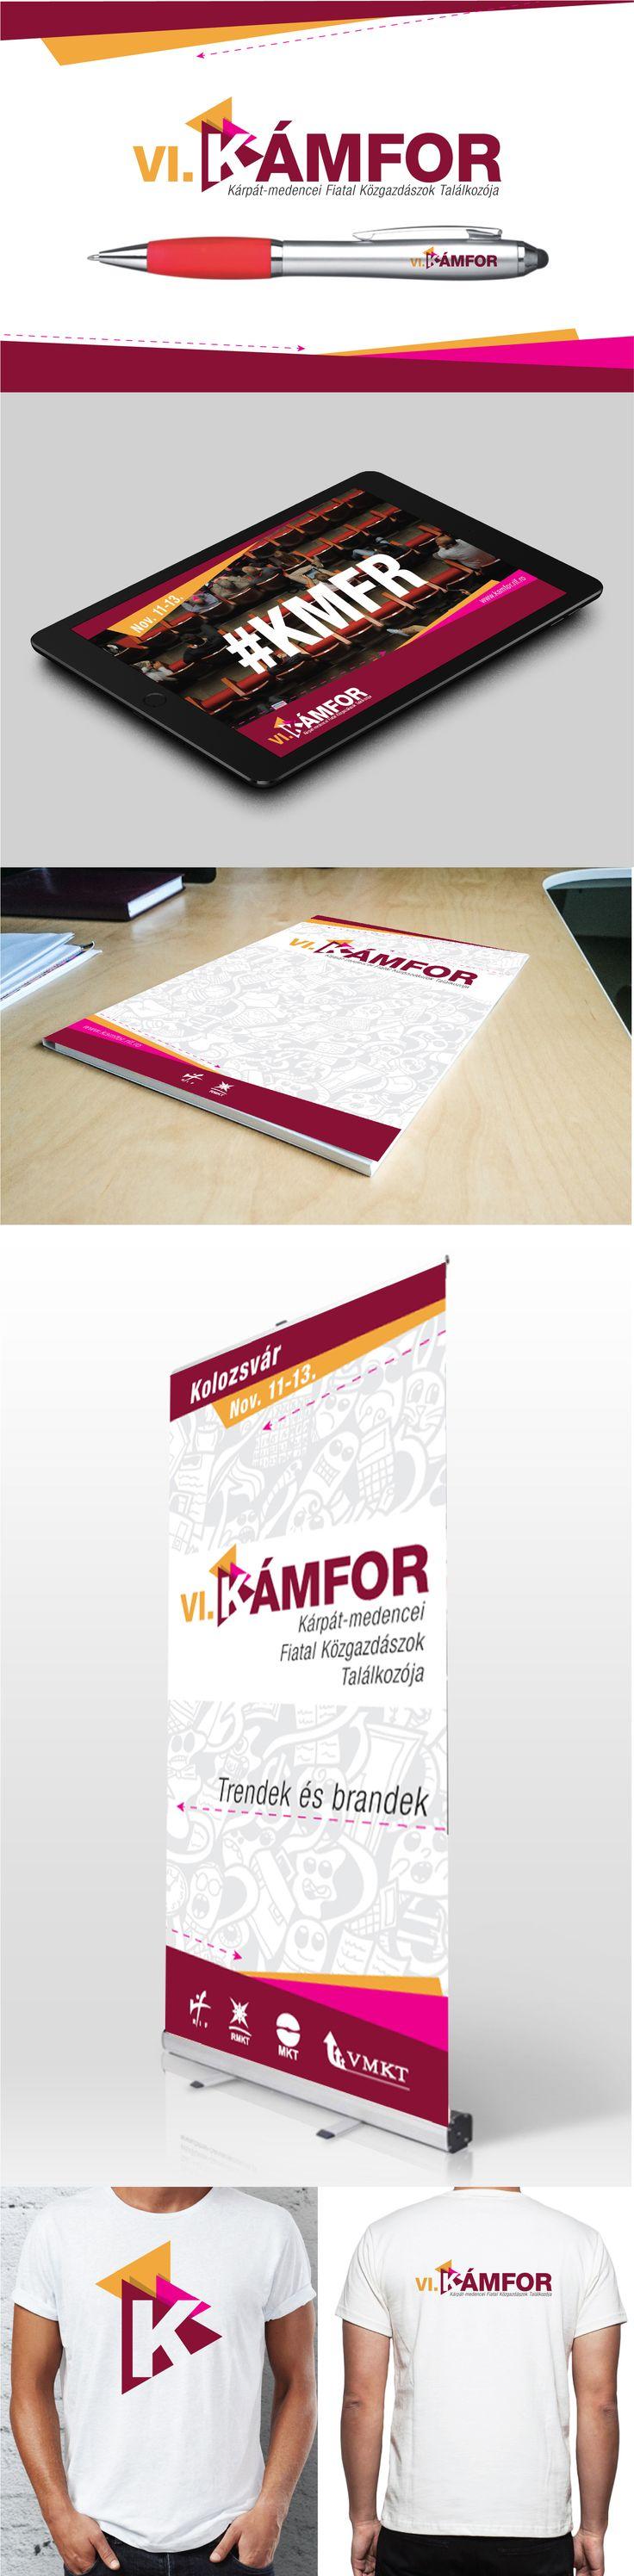 Rebranding logo #brand #identity #logo #design #kamfor #yellow